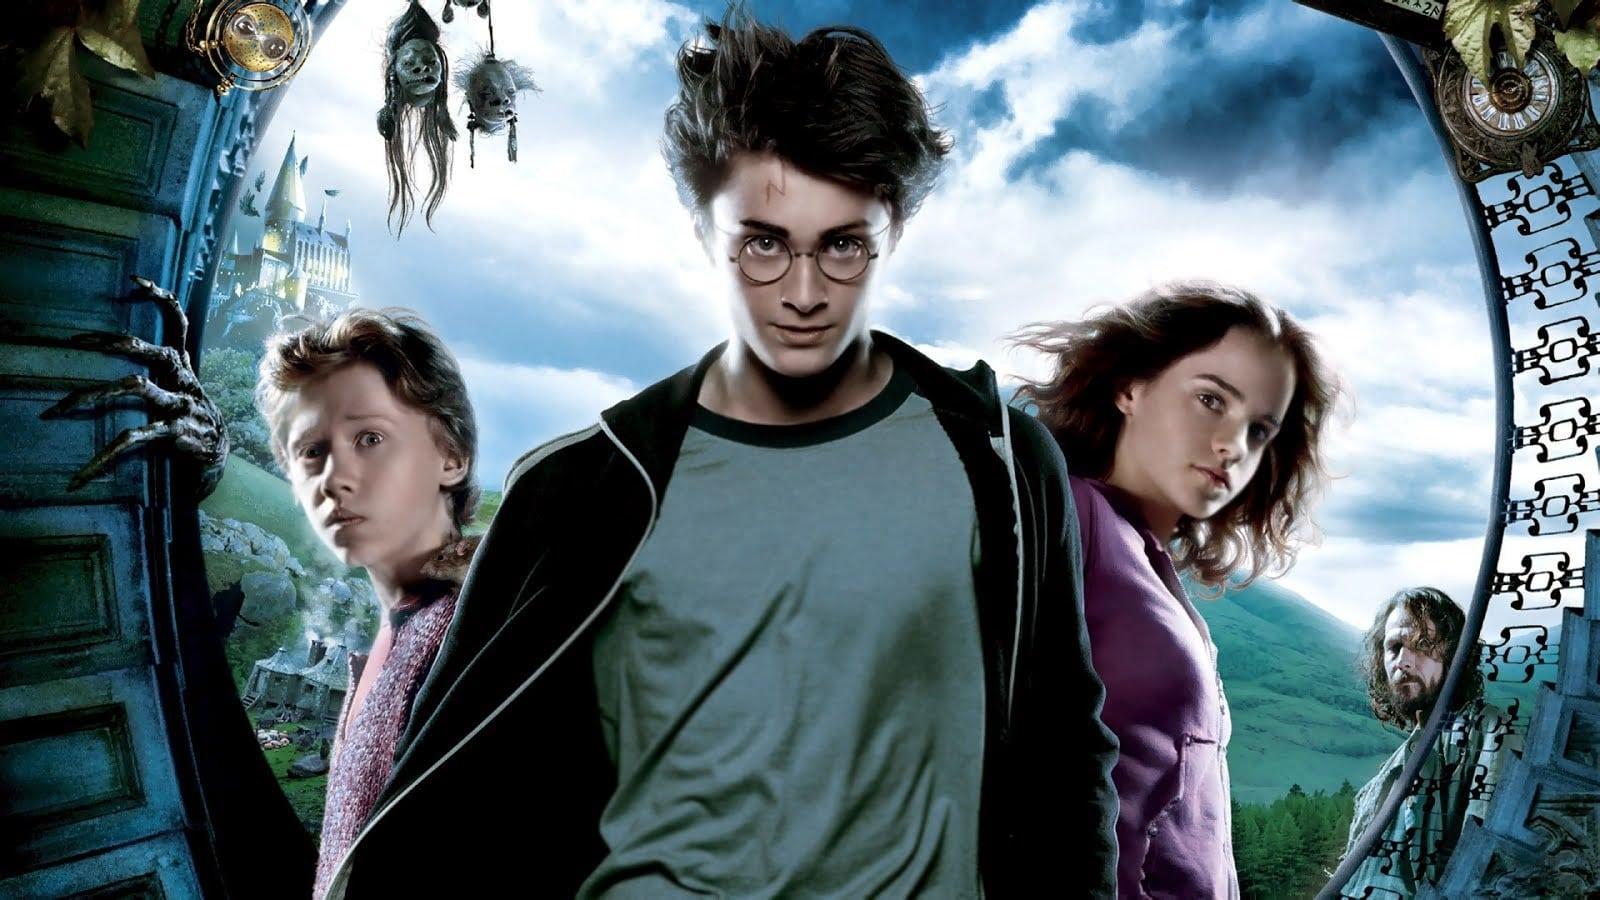 Alfonso Cuarón revela por qué eligió dirigir Harry Potter y el Prisionero de Azkaban